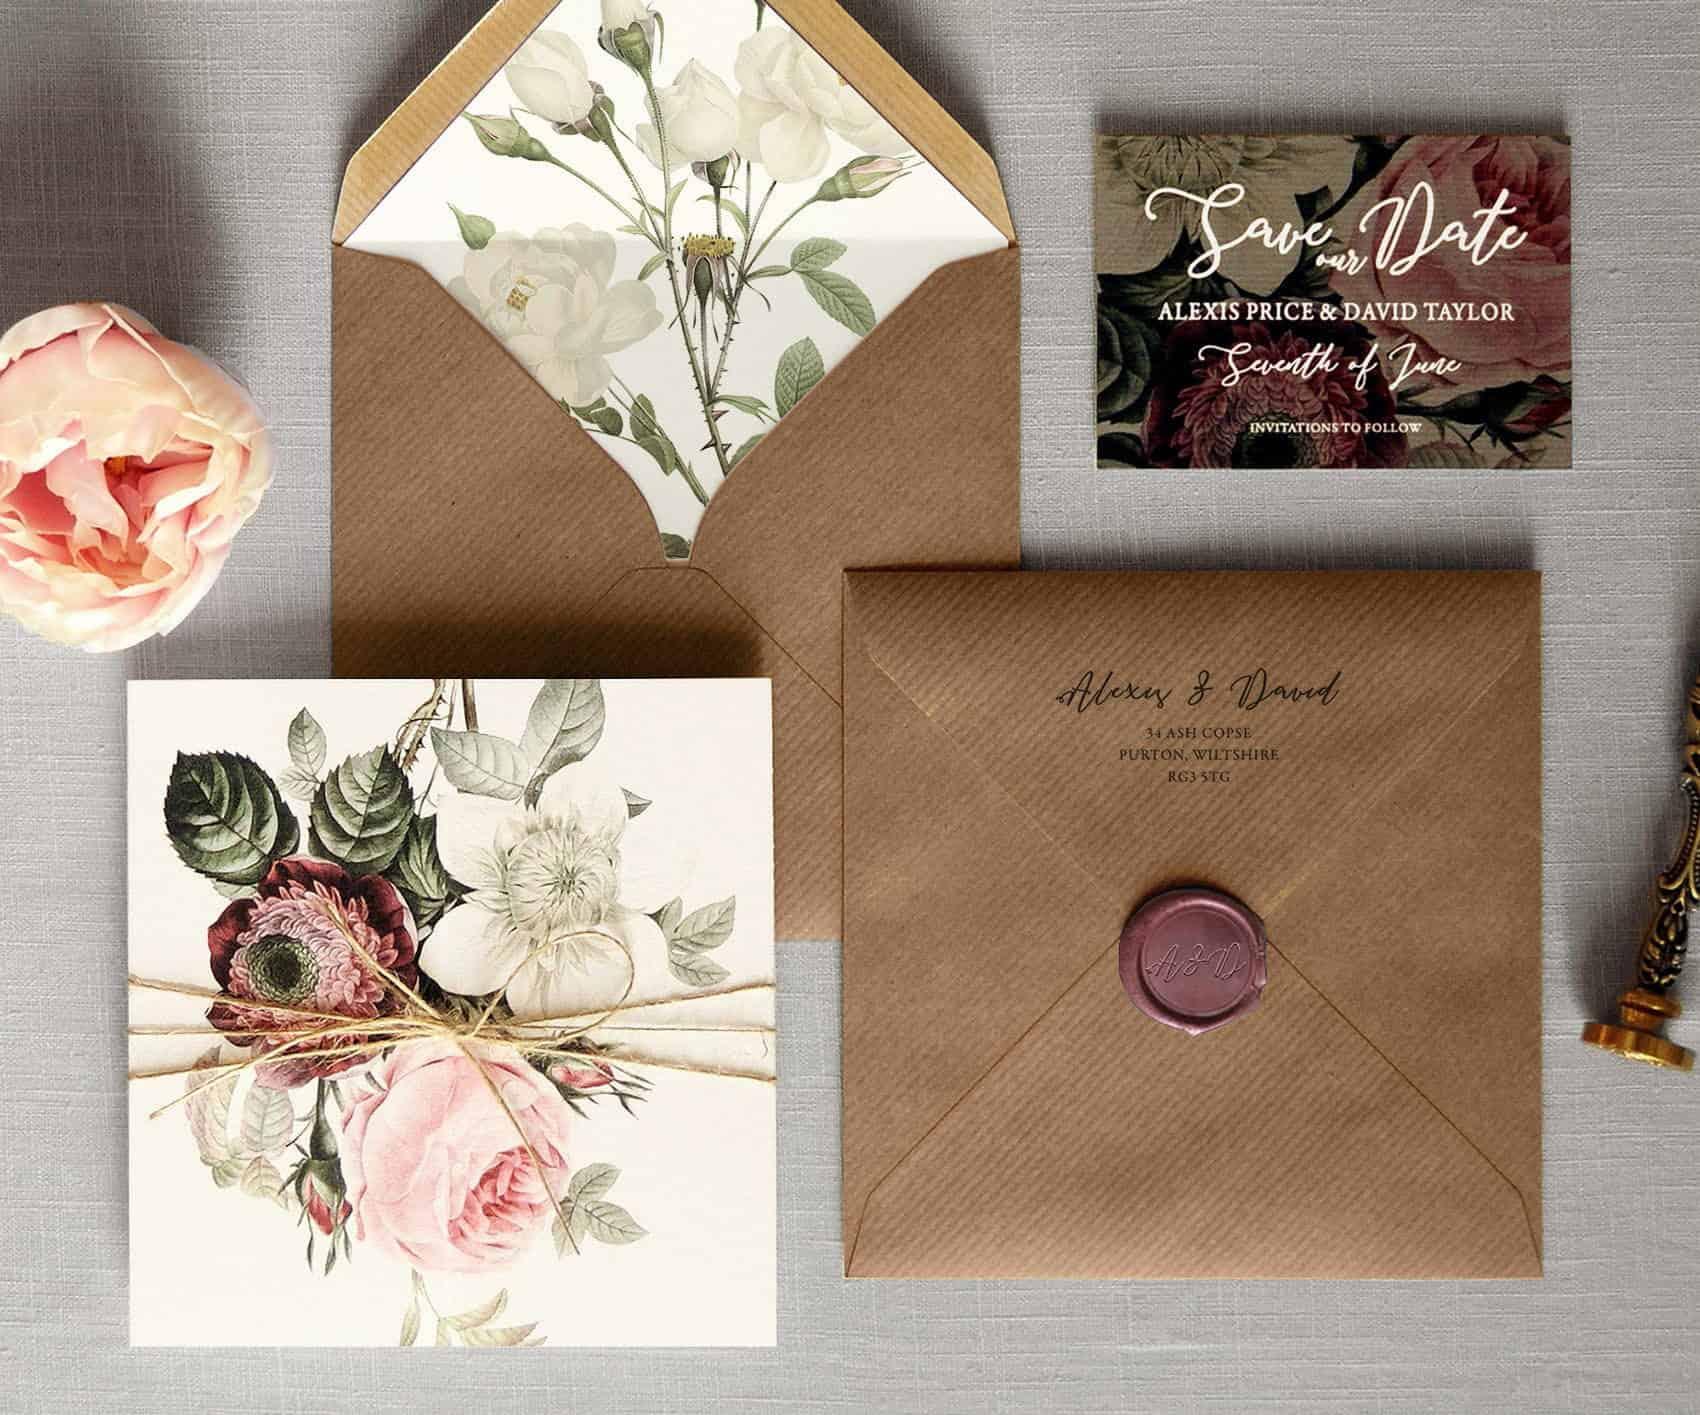 γαμήλια πρόσκληση με craft φάκελο, βουλοκέρι και λουλούδια